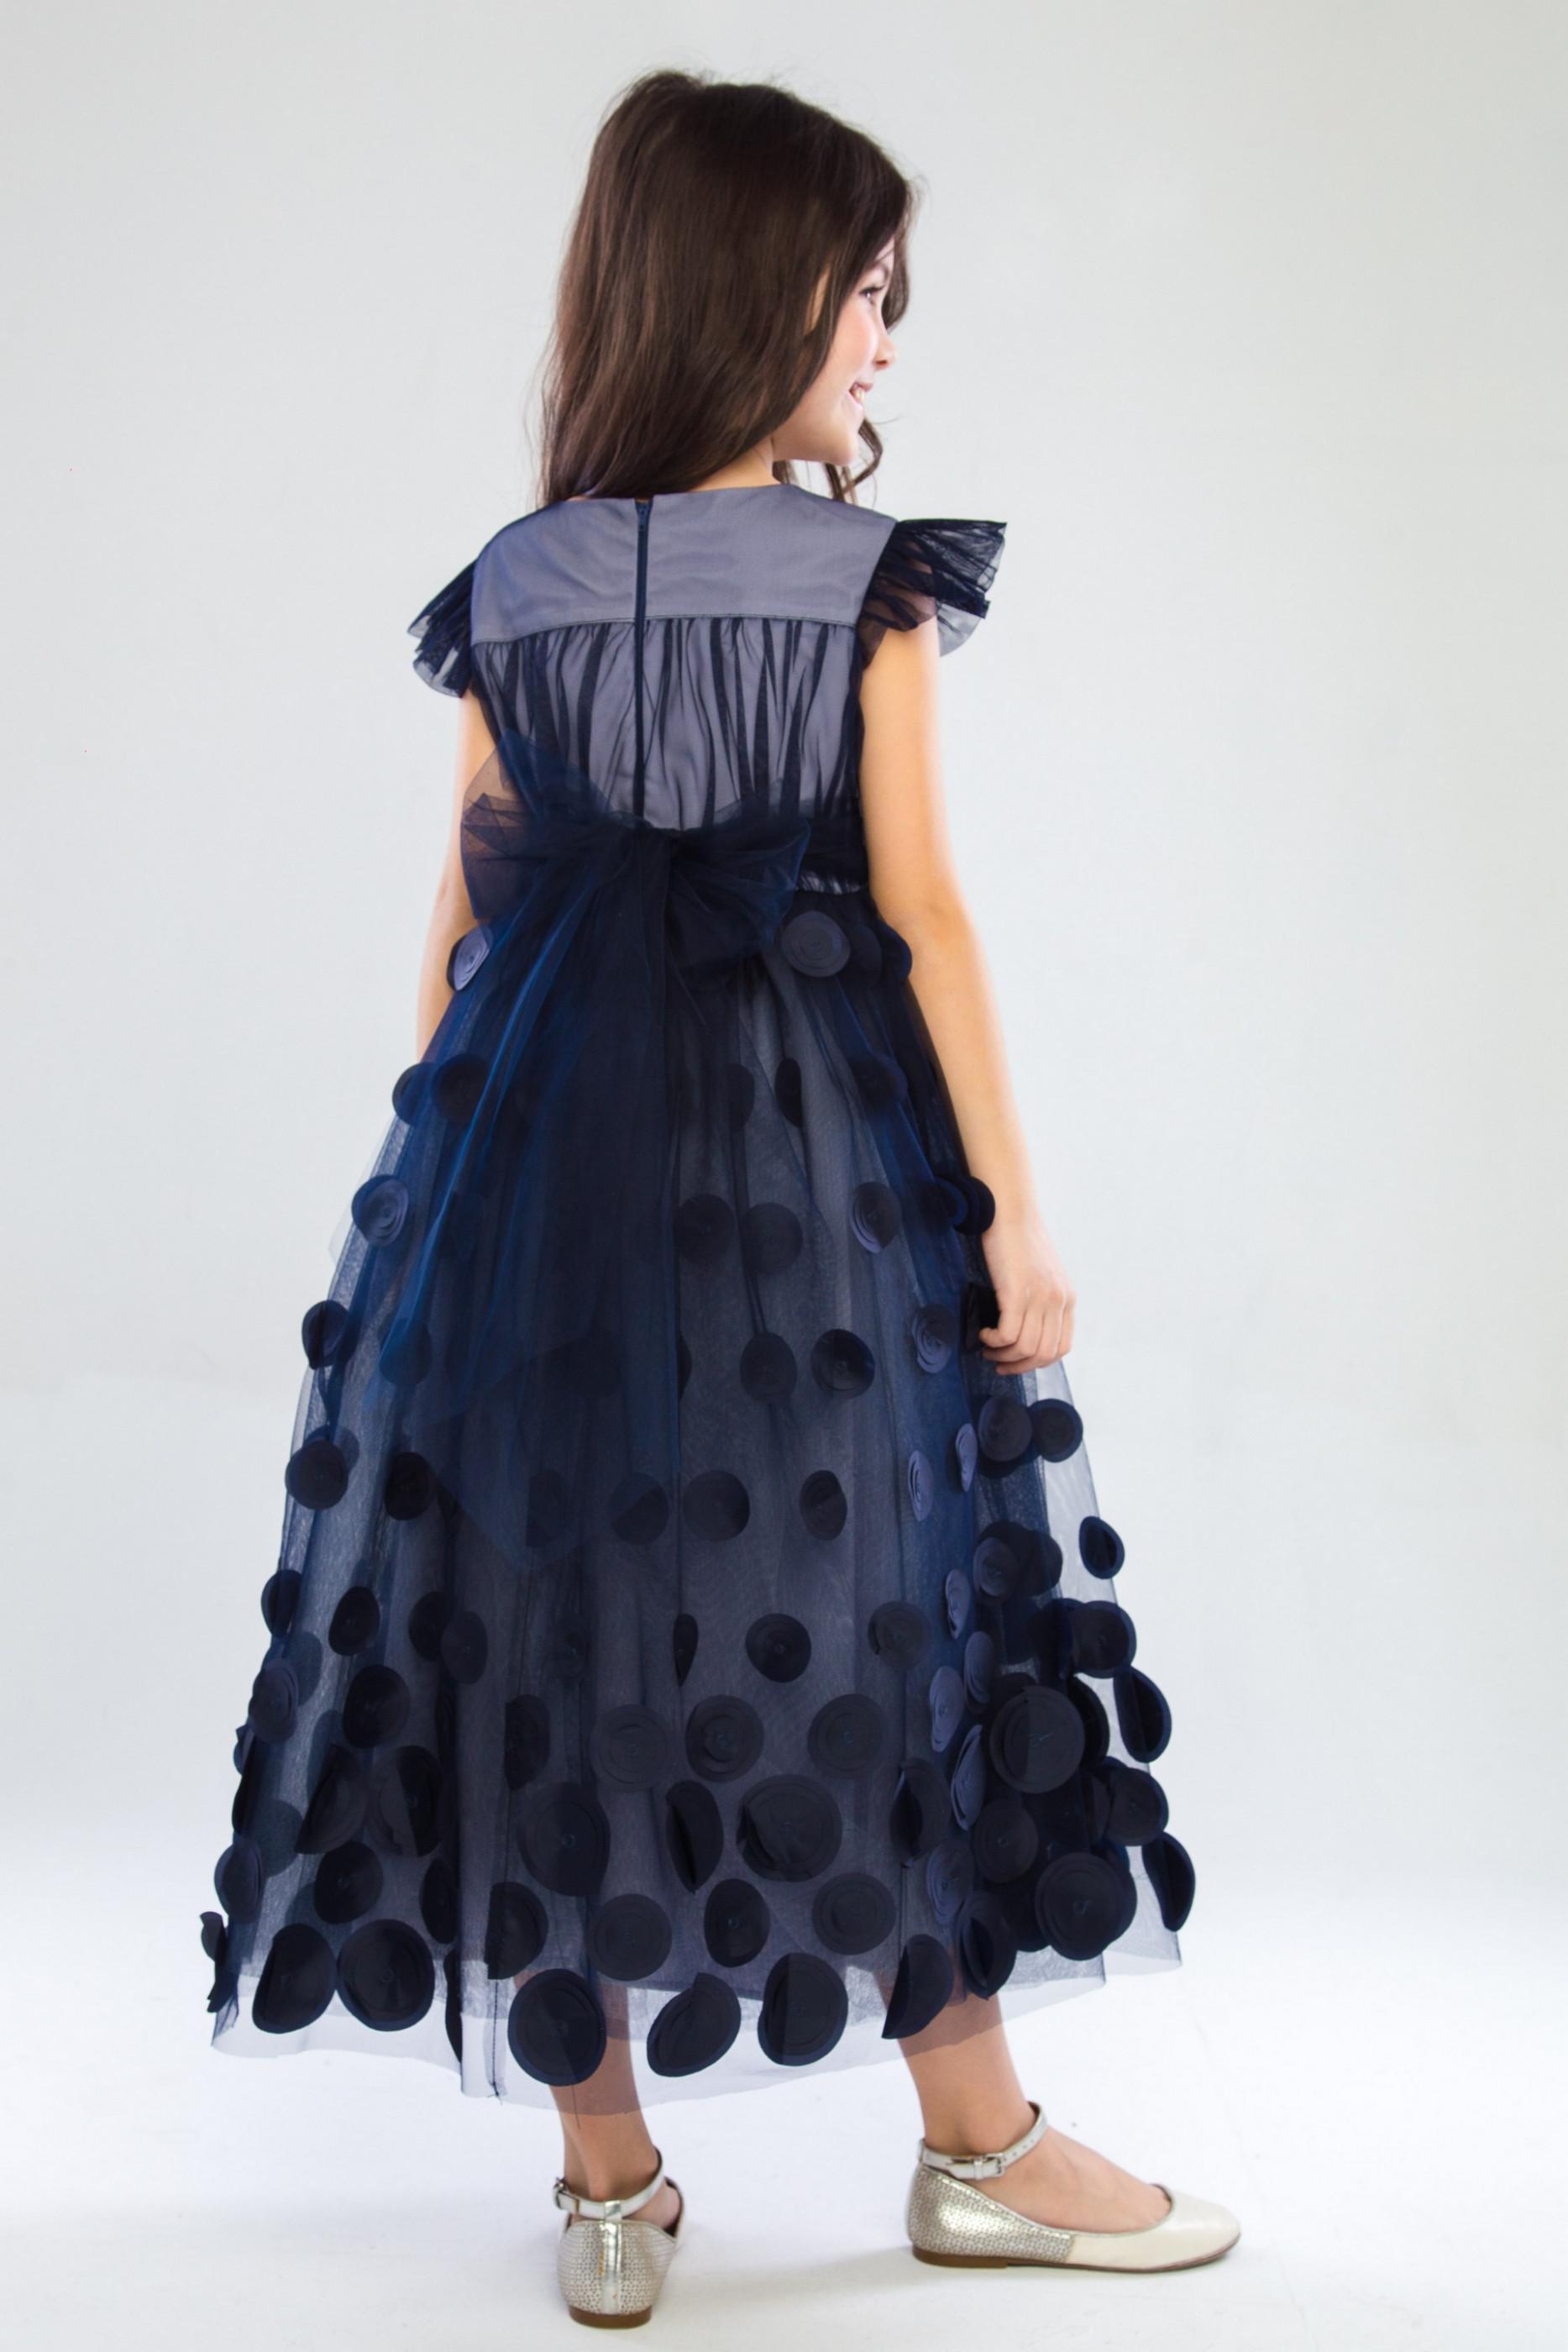 Плаття Розалі, фото №2